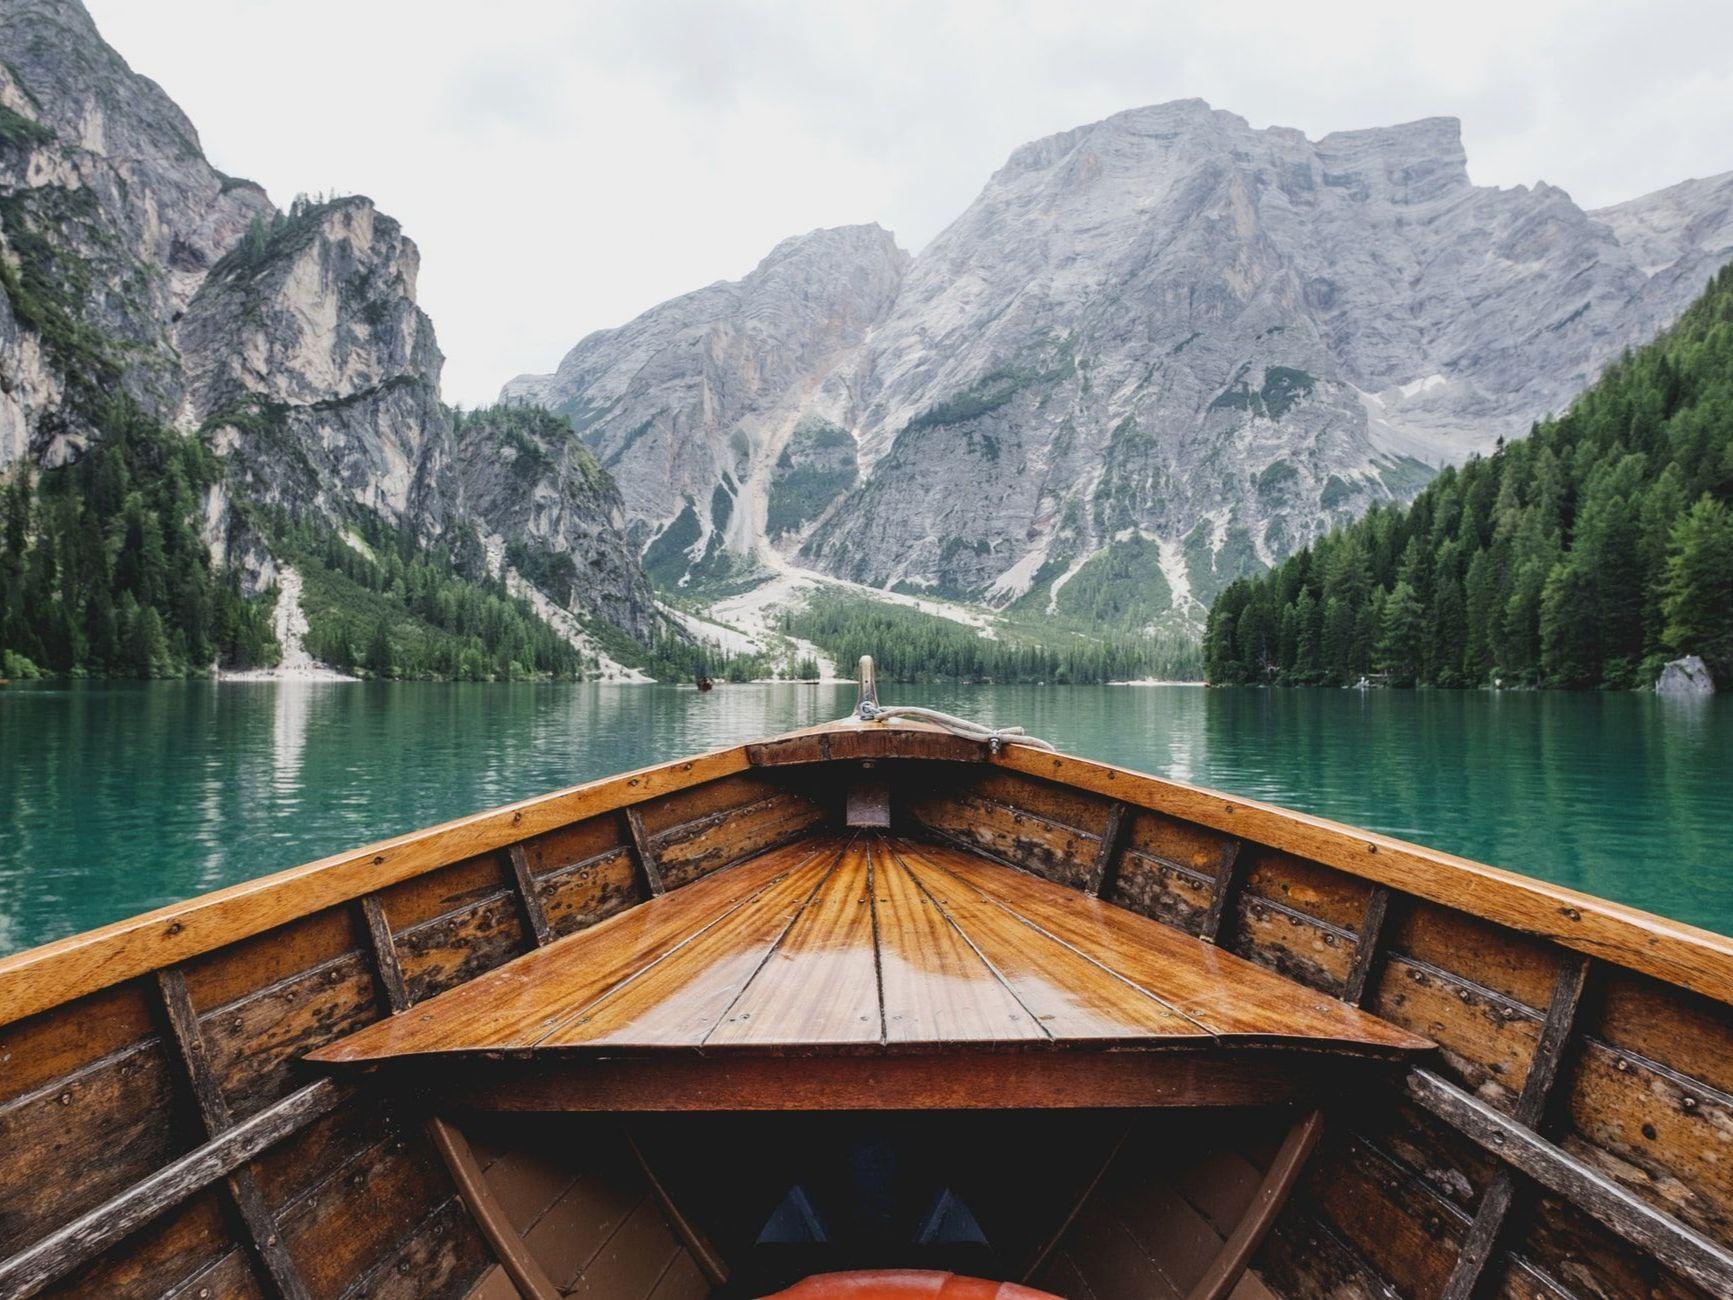 Lago di Braies, Italy